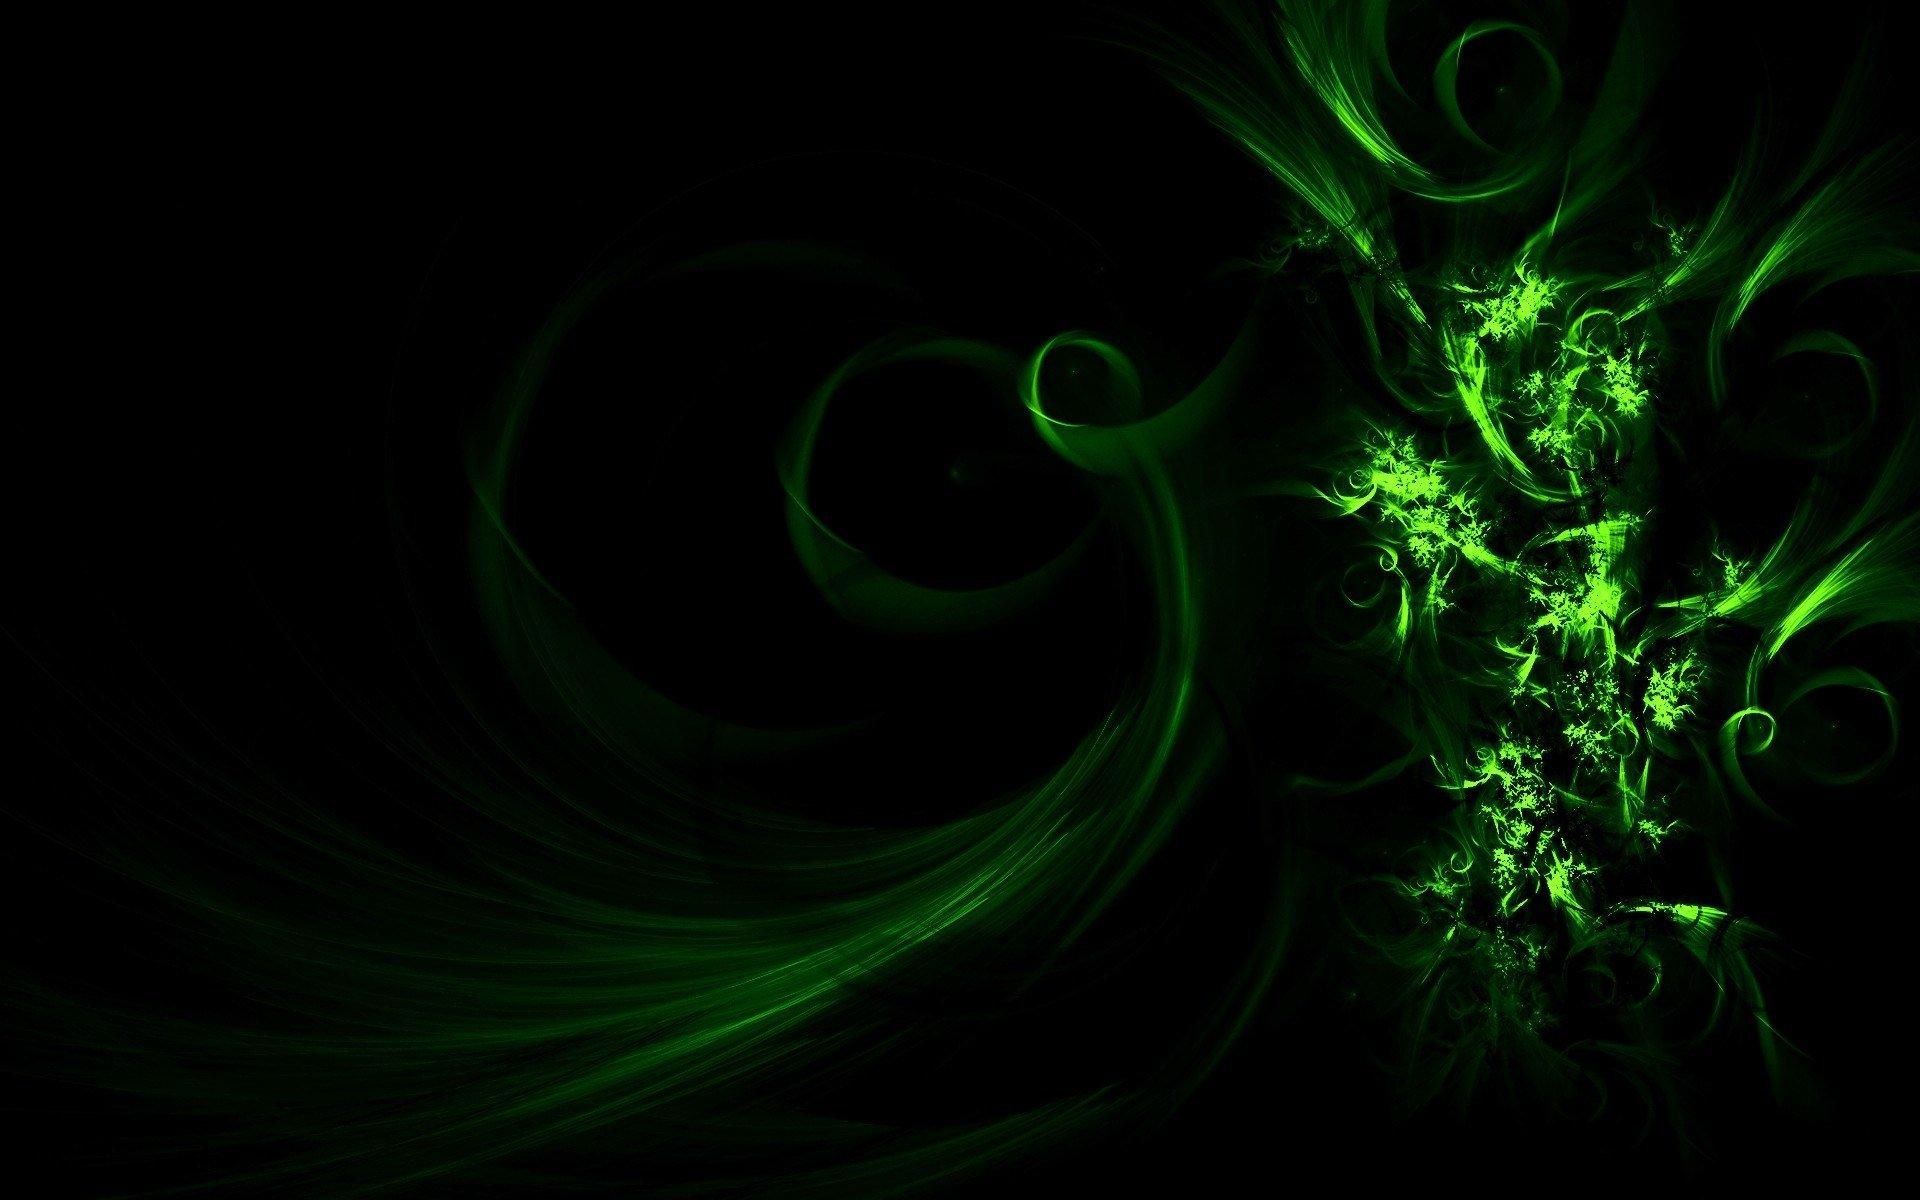 Картинки зеленые на черном фоне